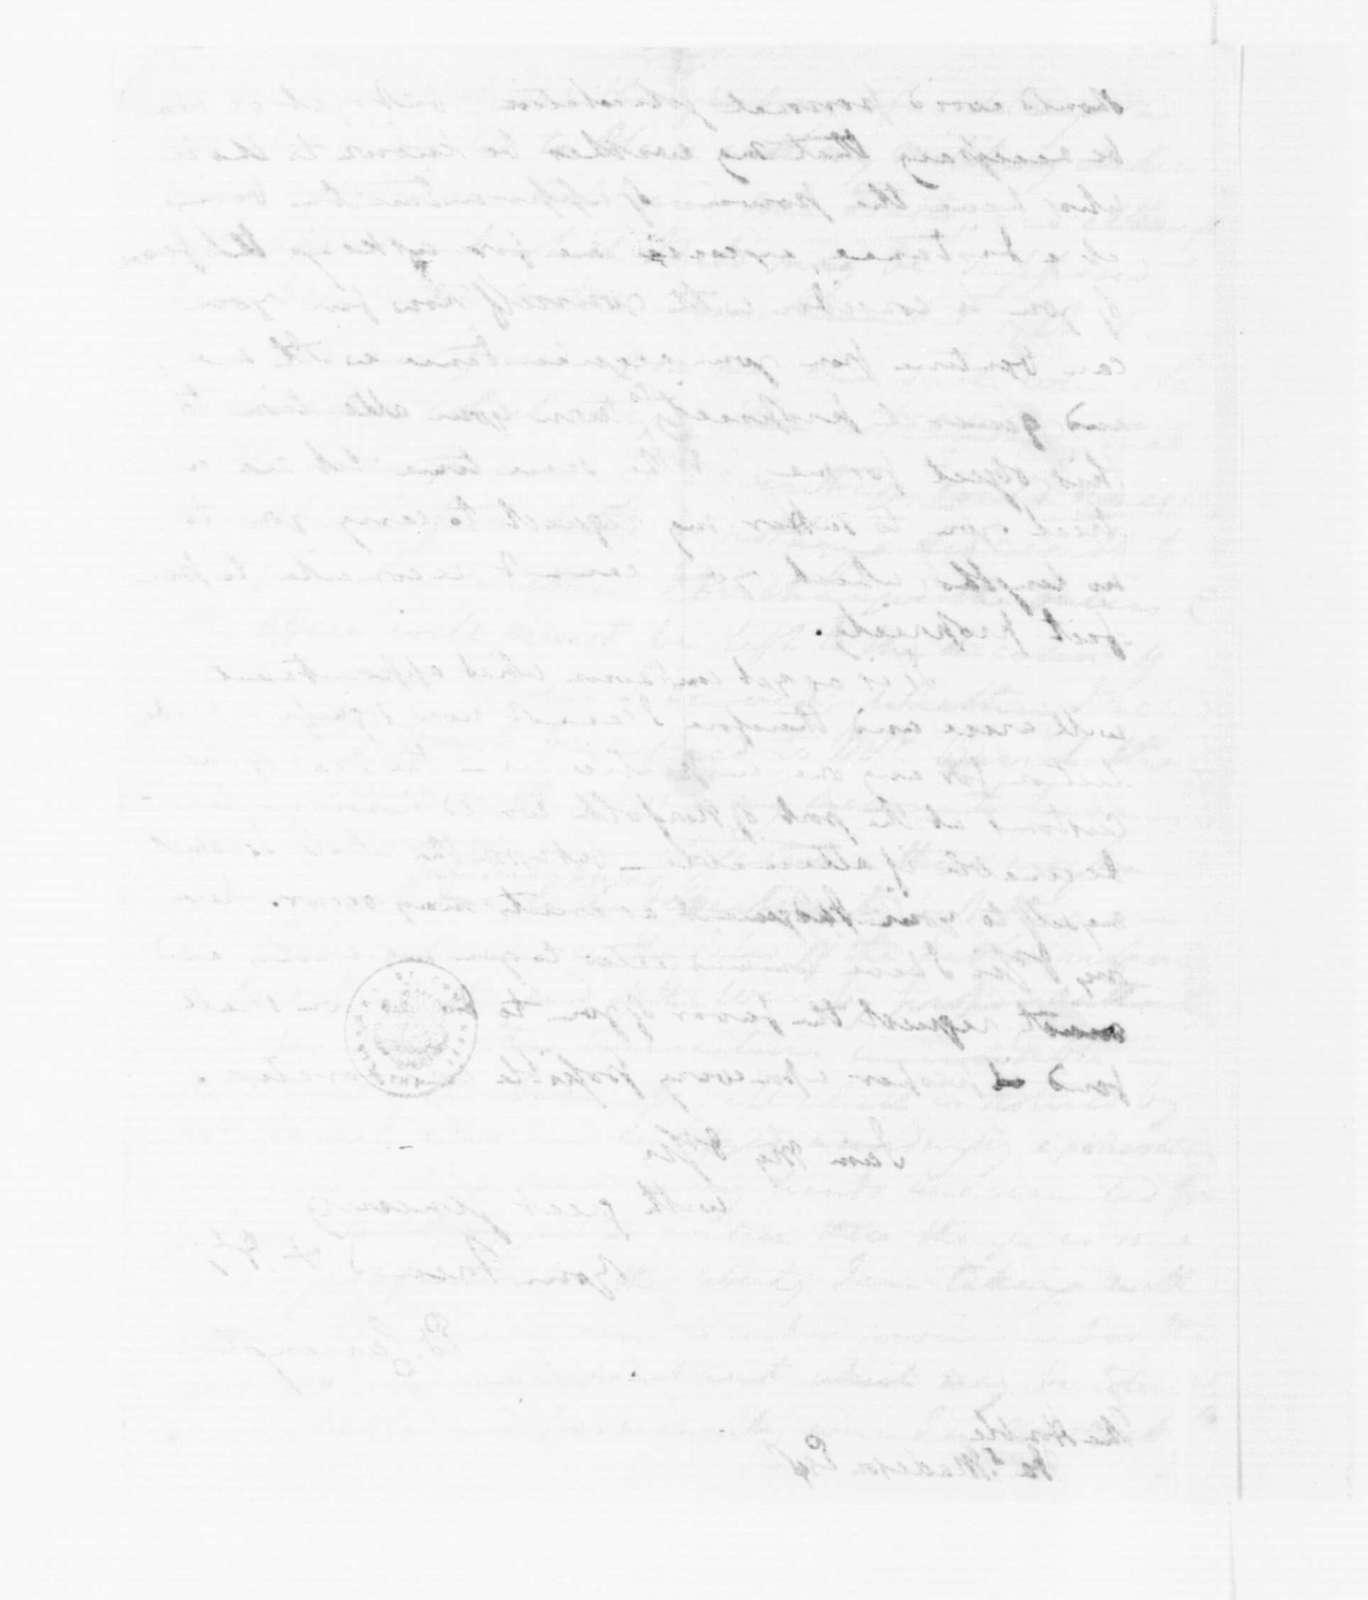 Edward Carrington to James Madison, February 20, 1789.